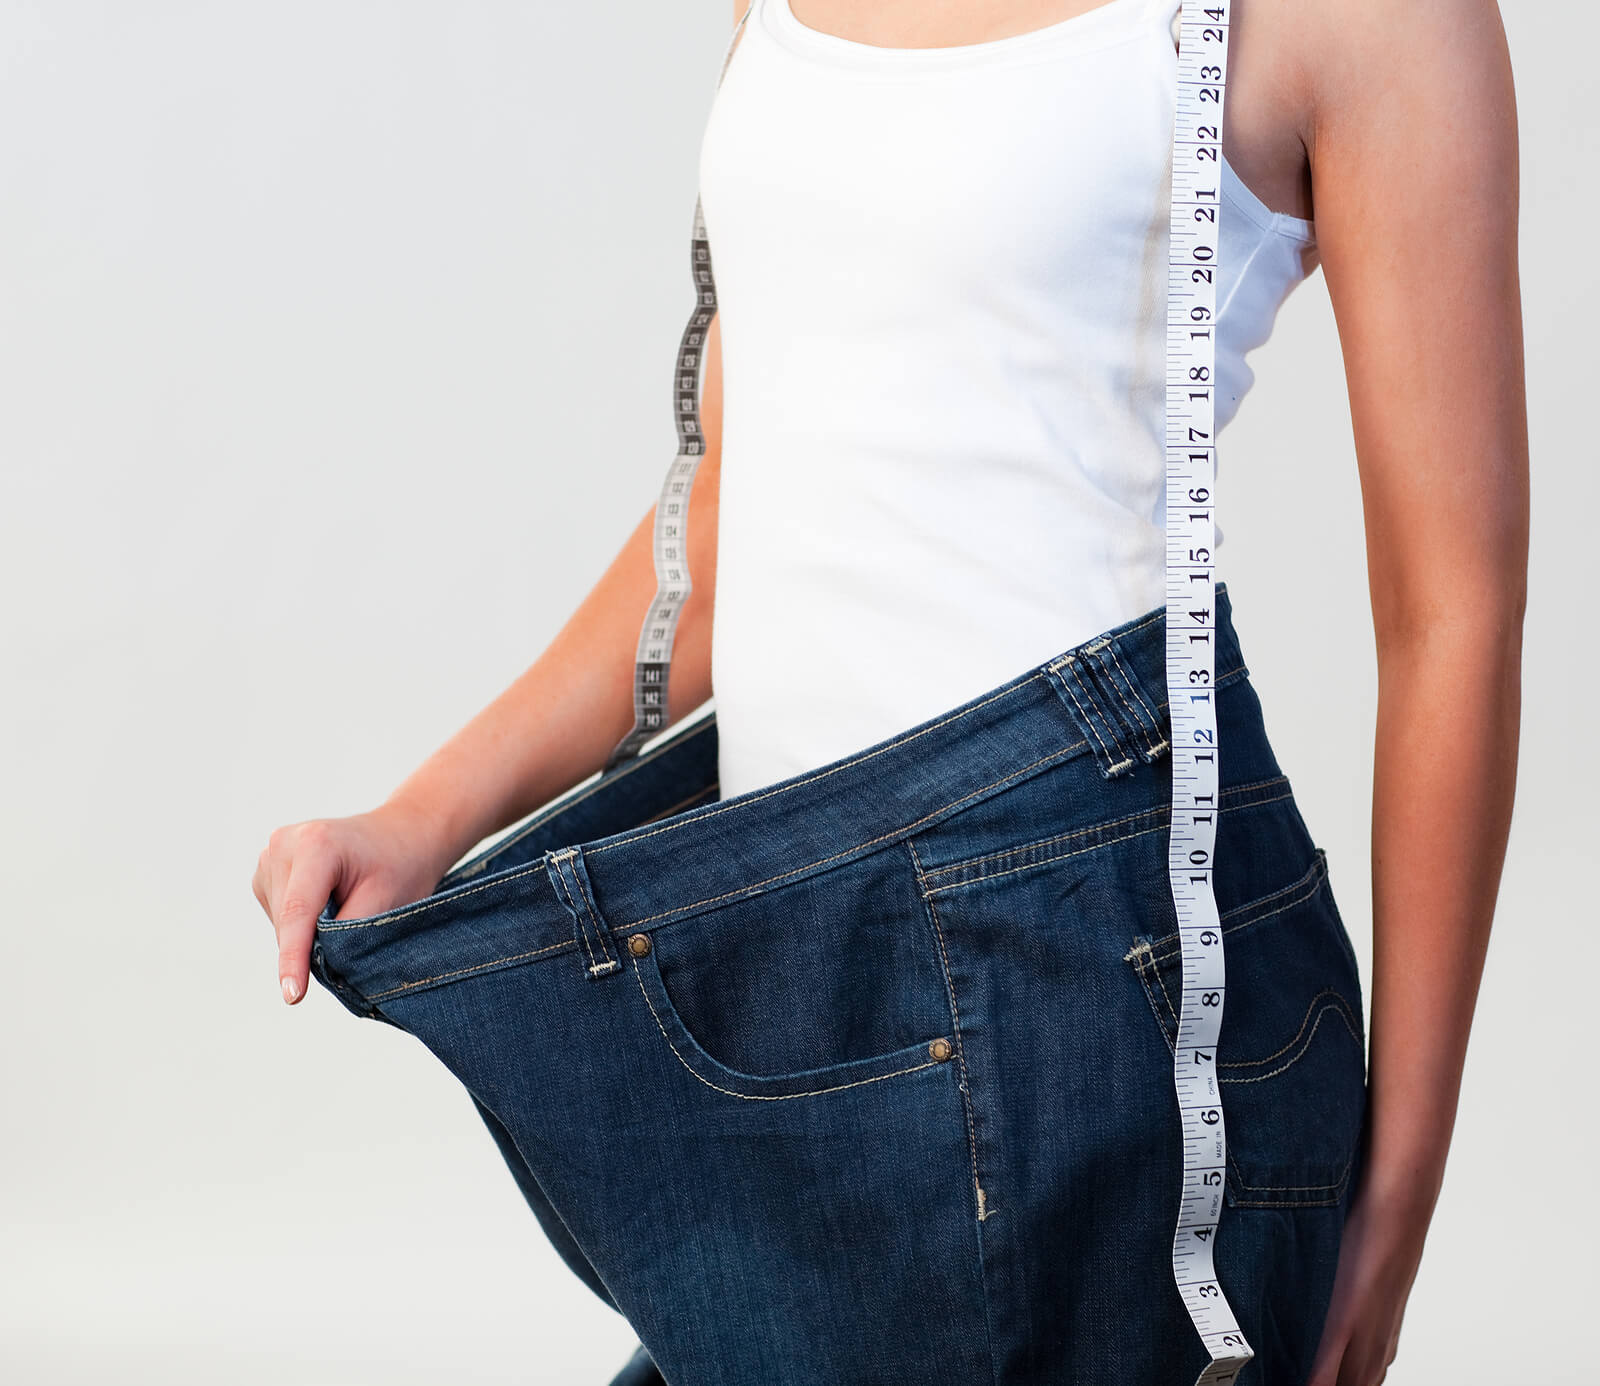 Cómo acelerar tu metabolismo para bajar de peso